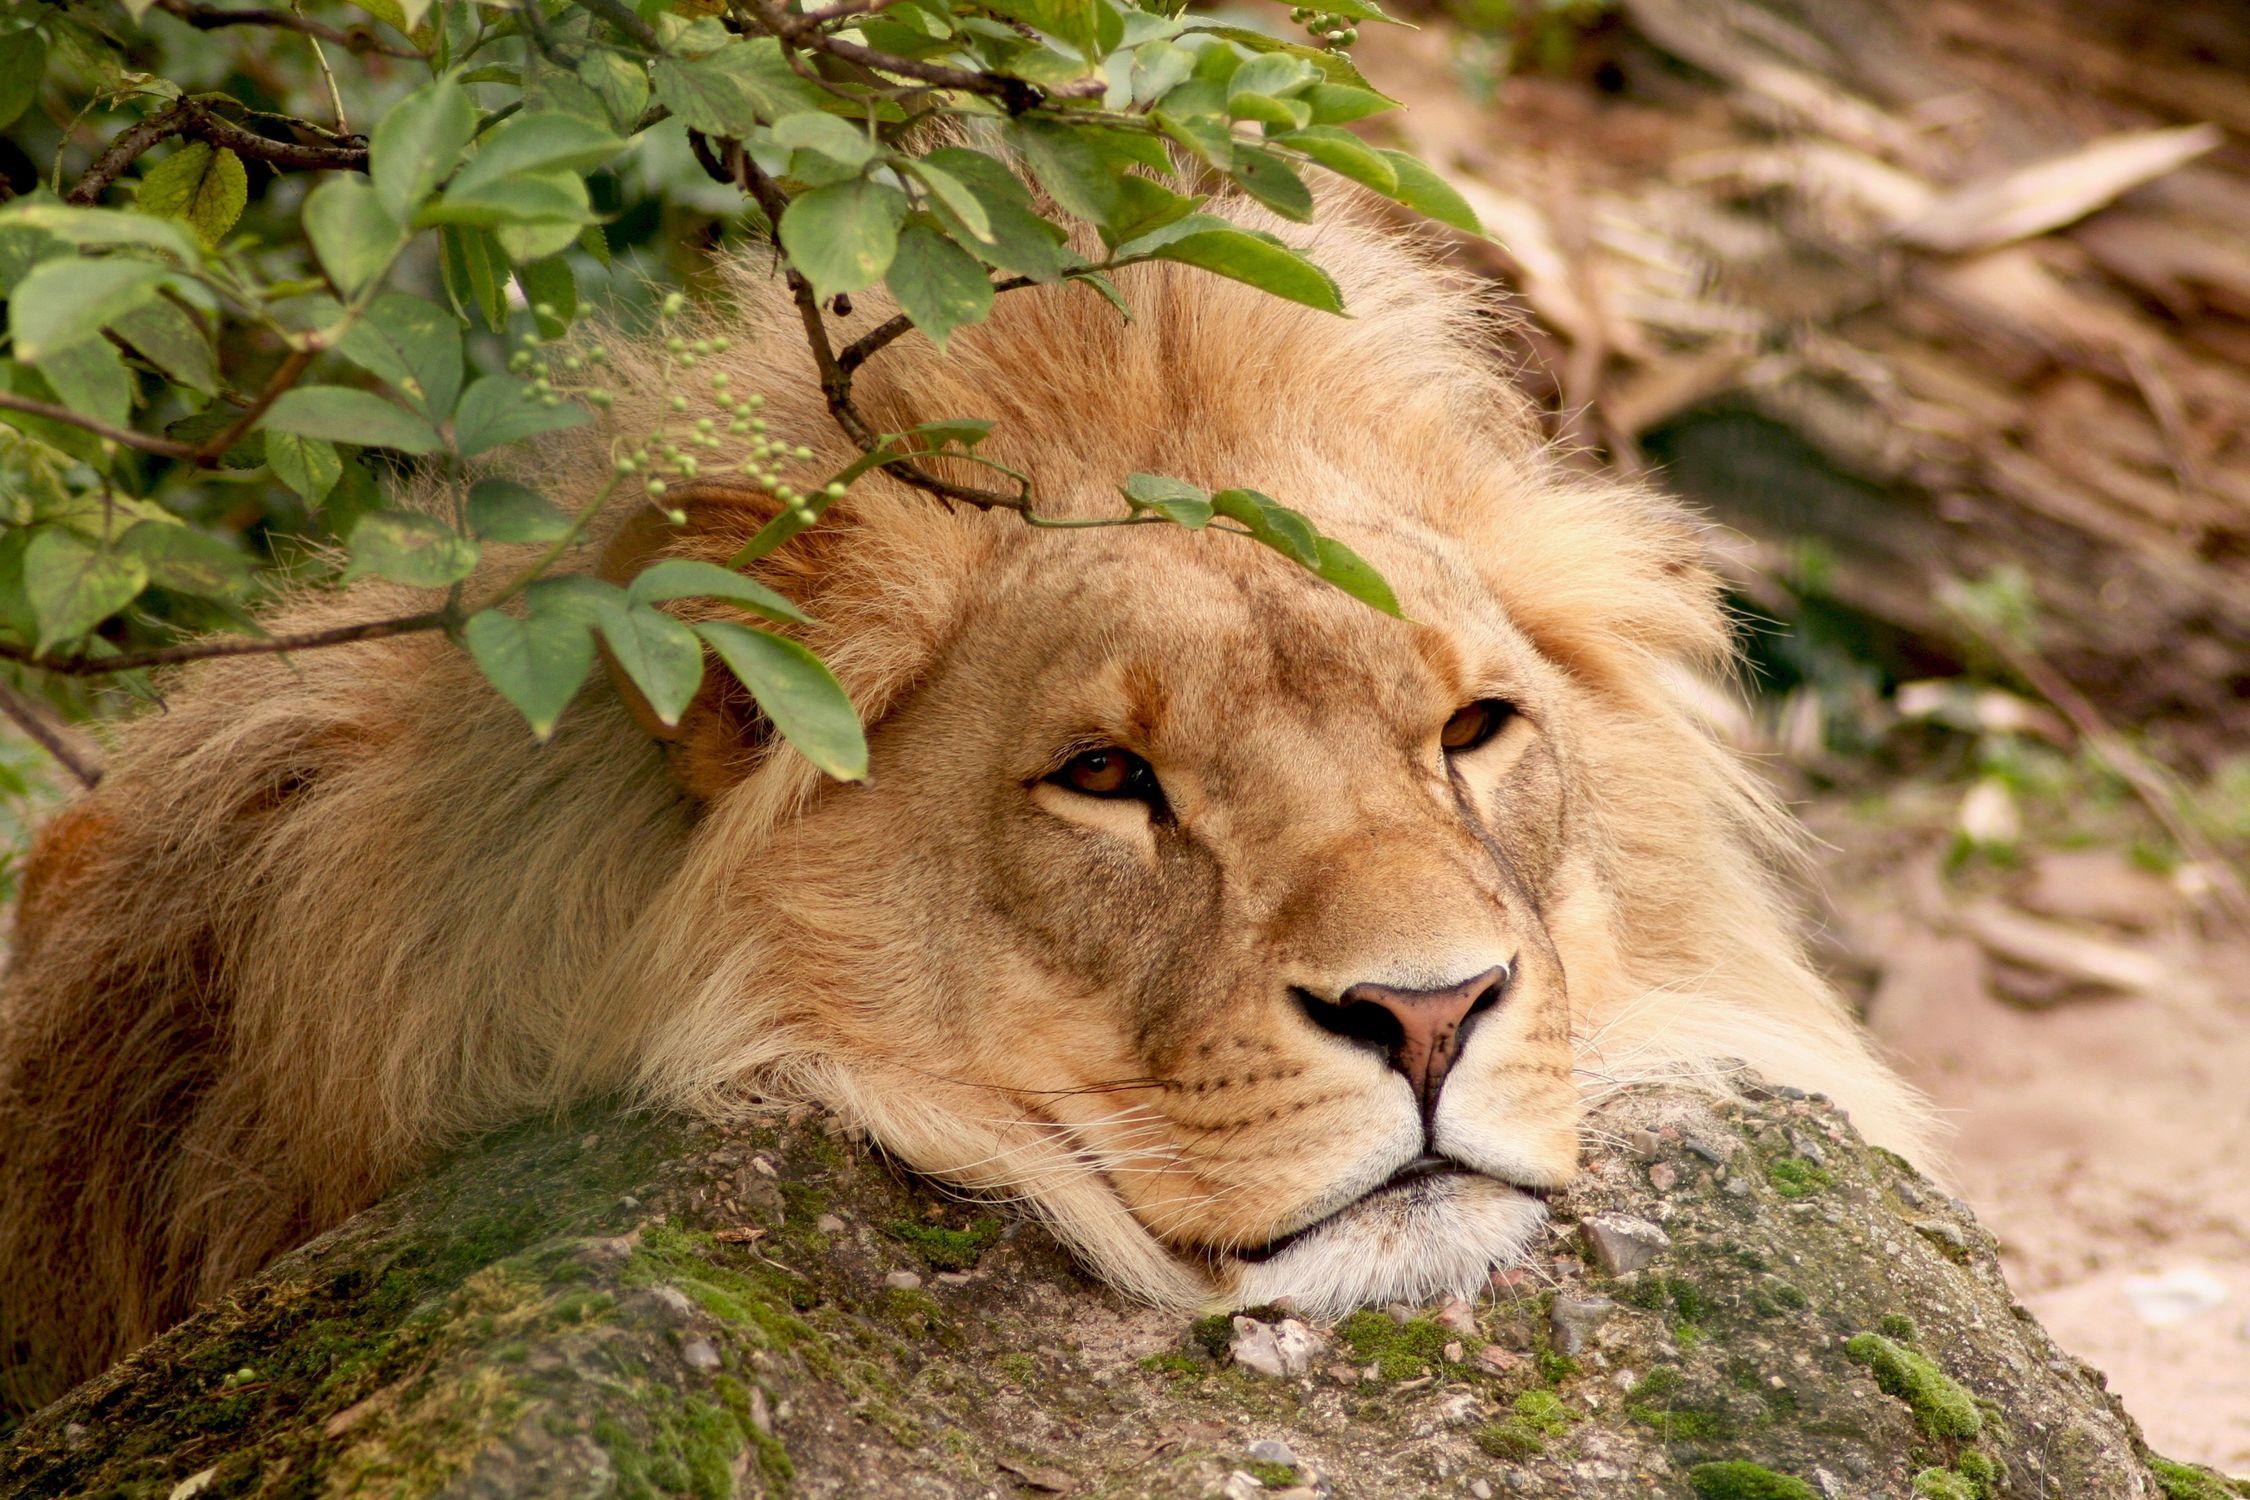 Bild mit Tiere, Säugetiere, Raubtiere, Katzenartige, Löwen, Tier, Löwe